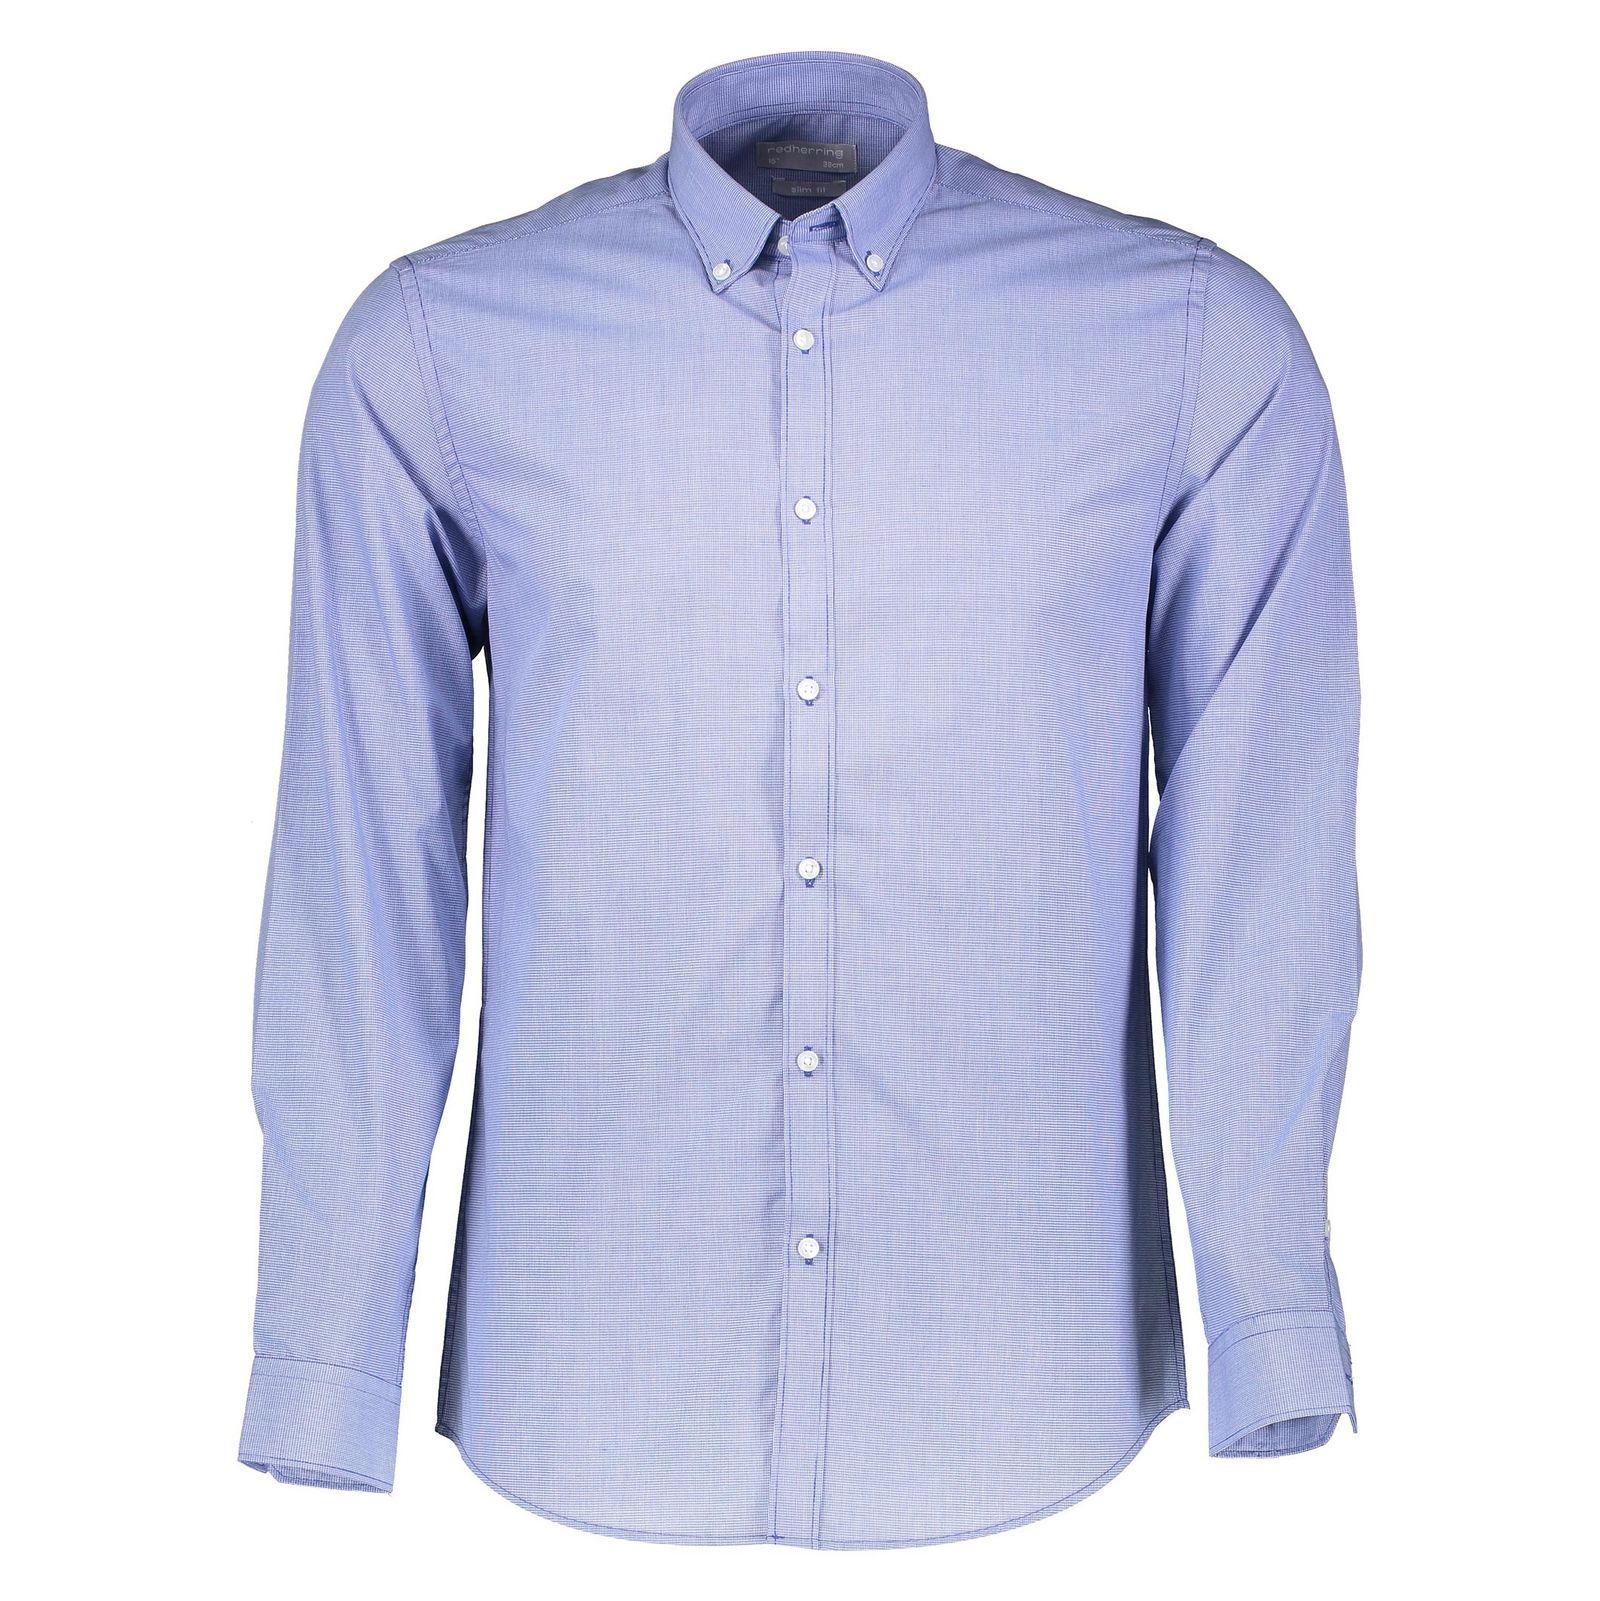 پیراهن آستین بلند مردانه - رد هرینگ - آبي - 1